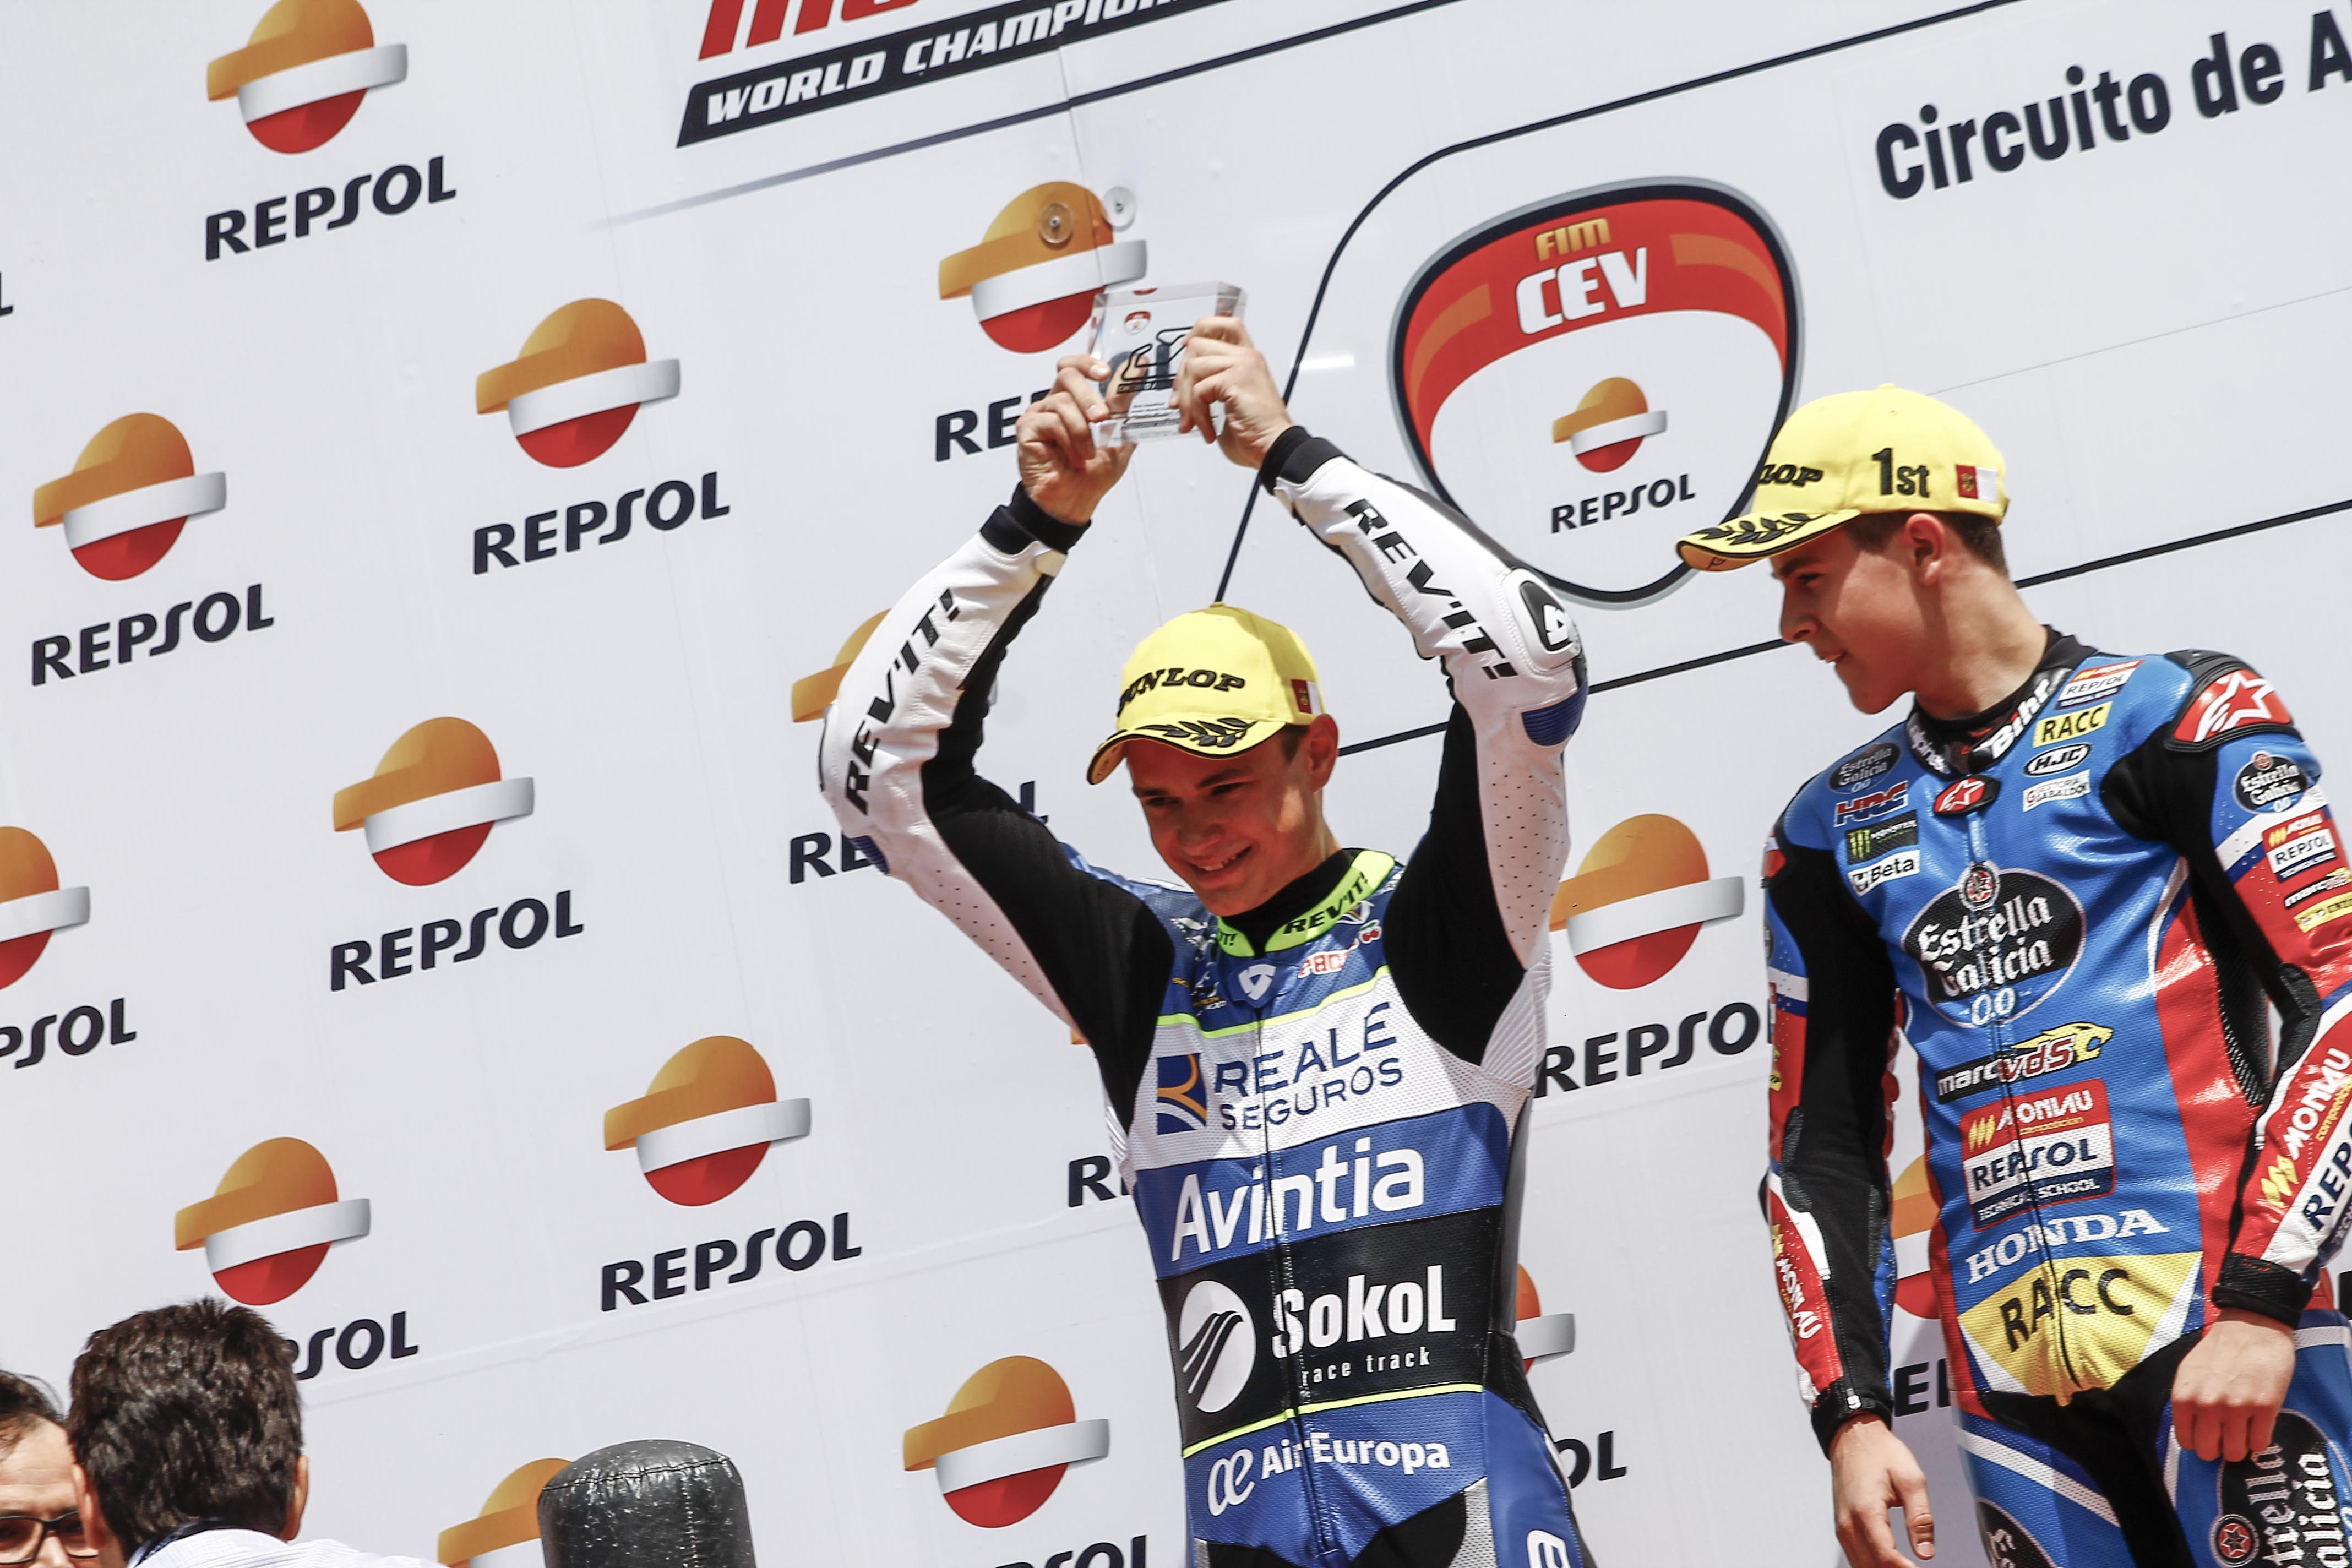 Makar Yurchenko, FIM Junior Moto3, Albacete, Makar Yurchenko #76, photgrapher MANU TORMO (23)